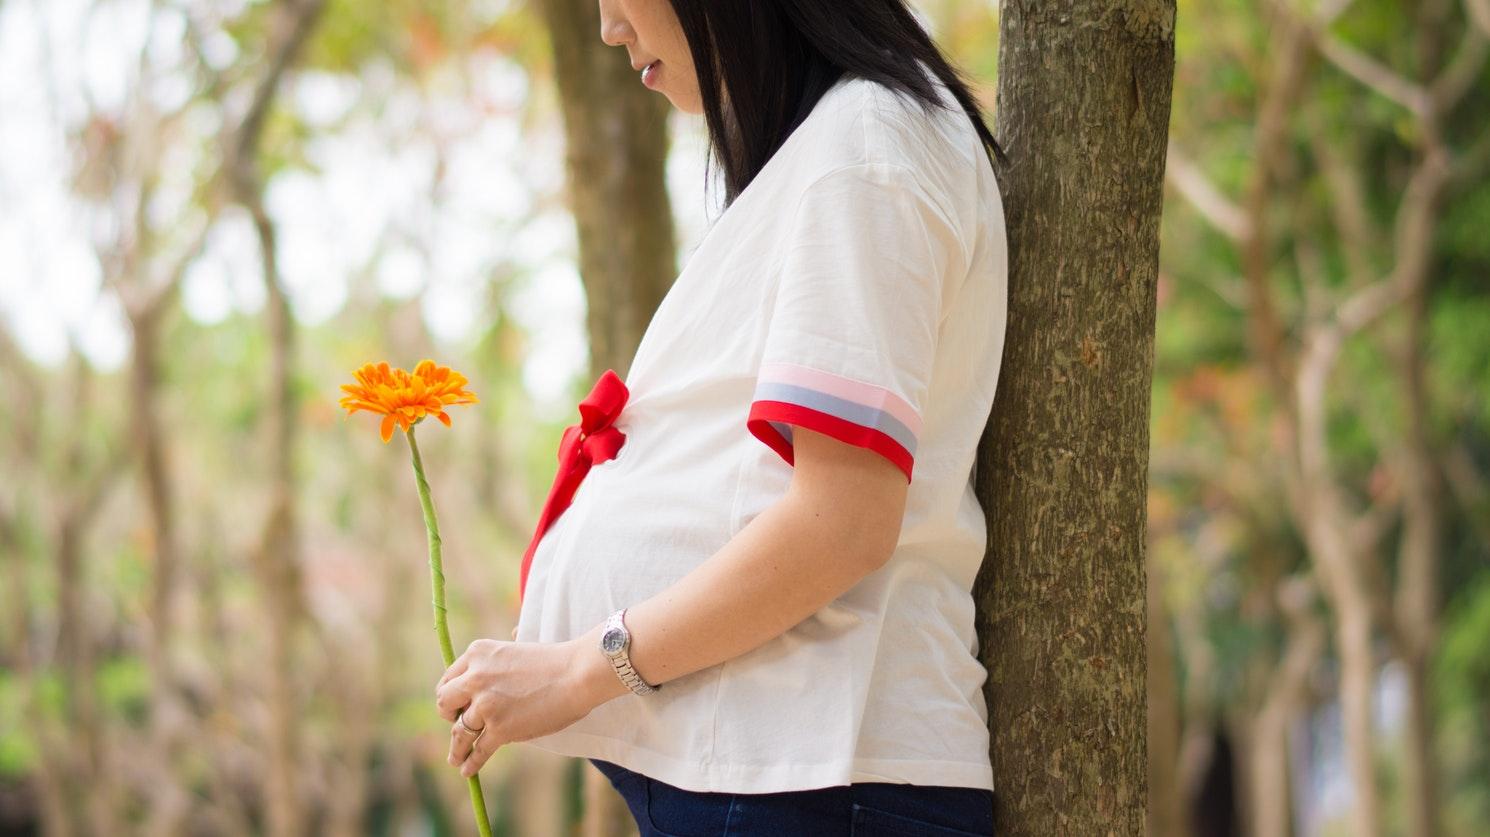 出生前診断で性別判定は可能?気になる子どもの性別を事前に知る方法